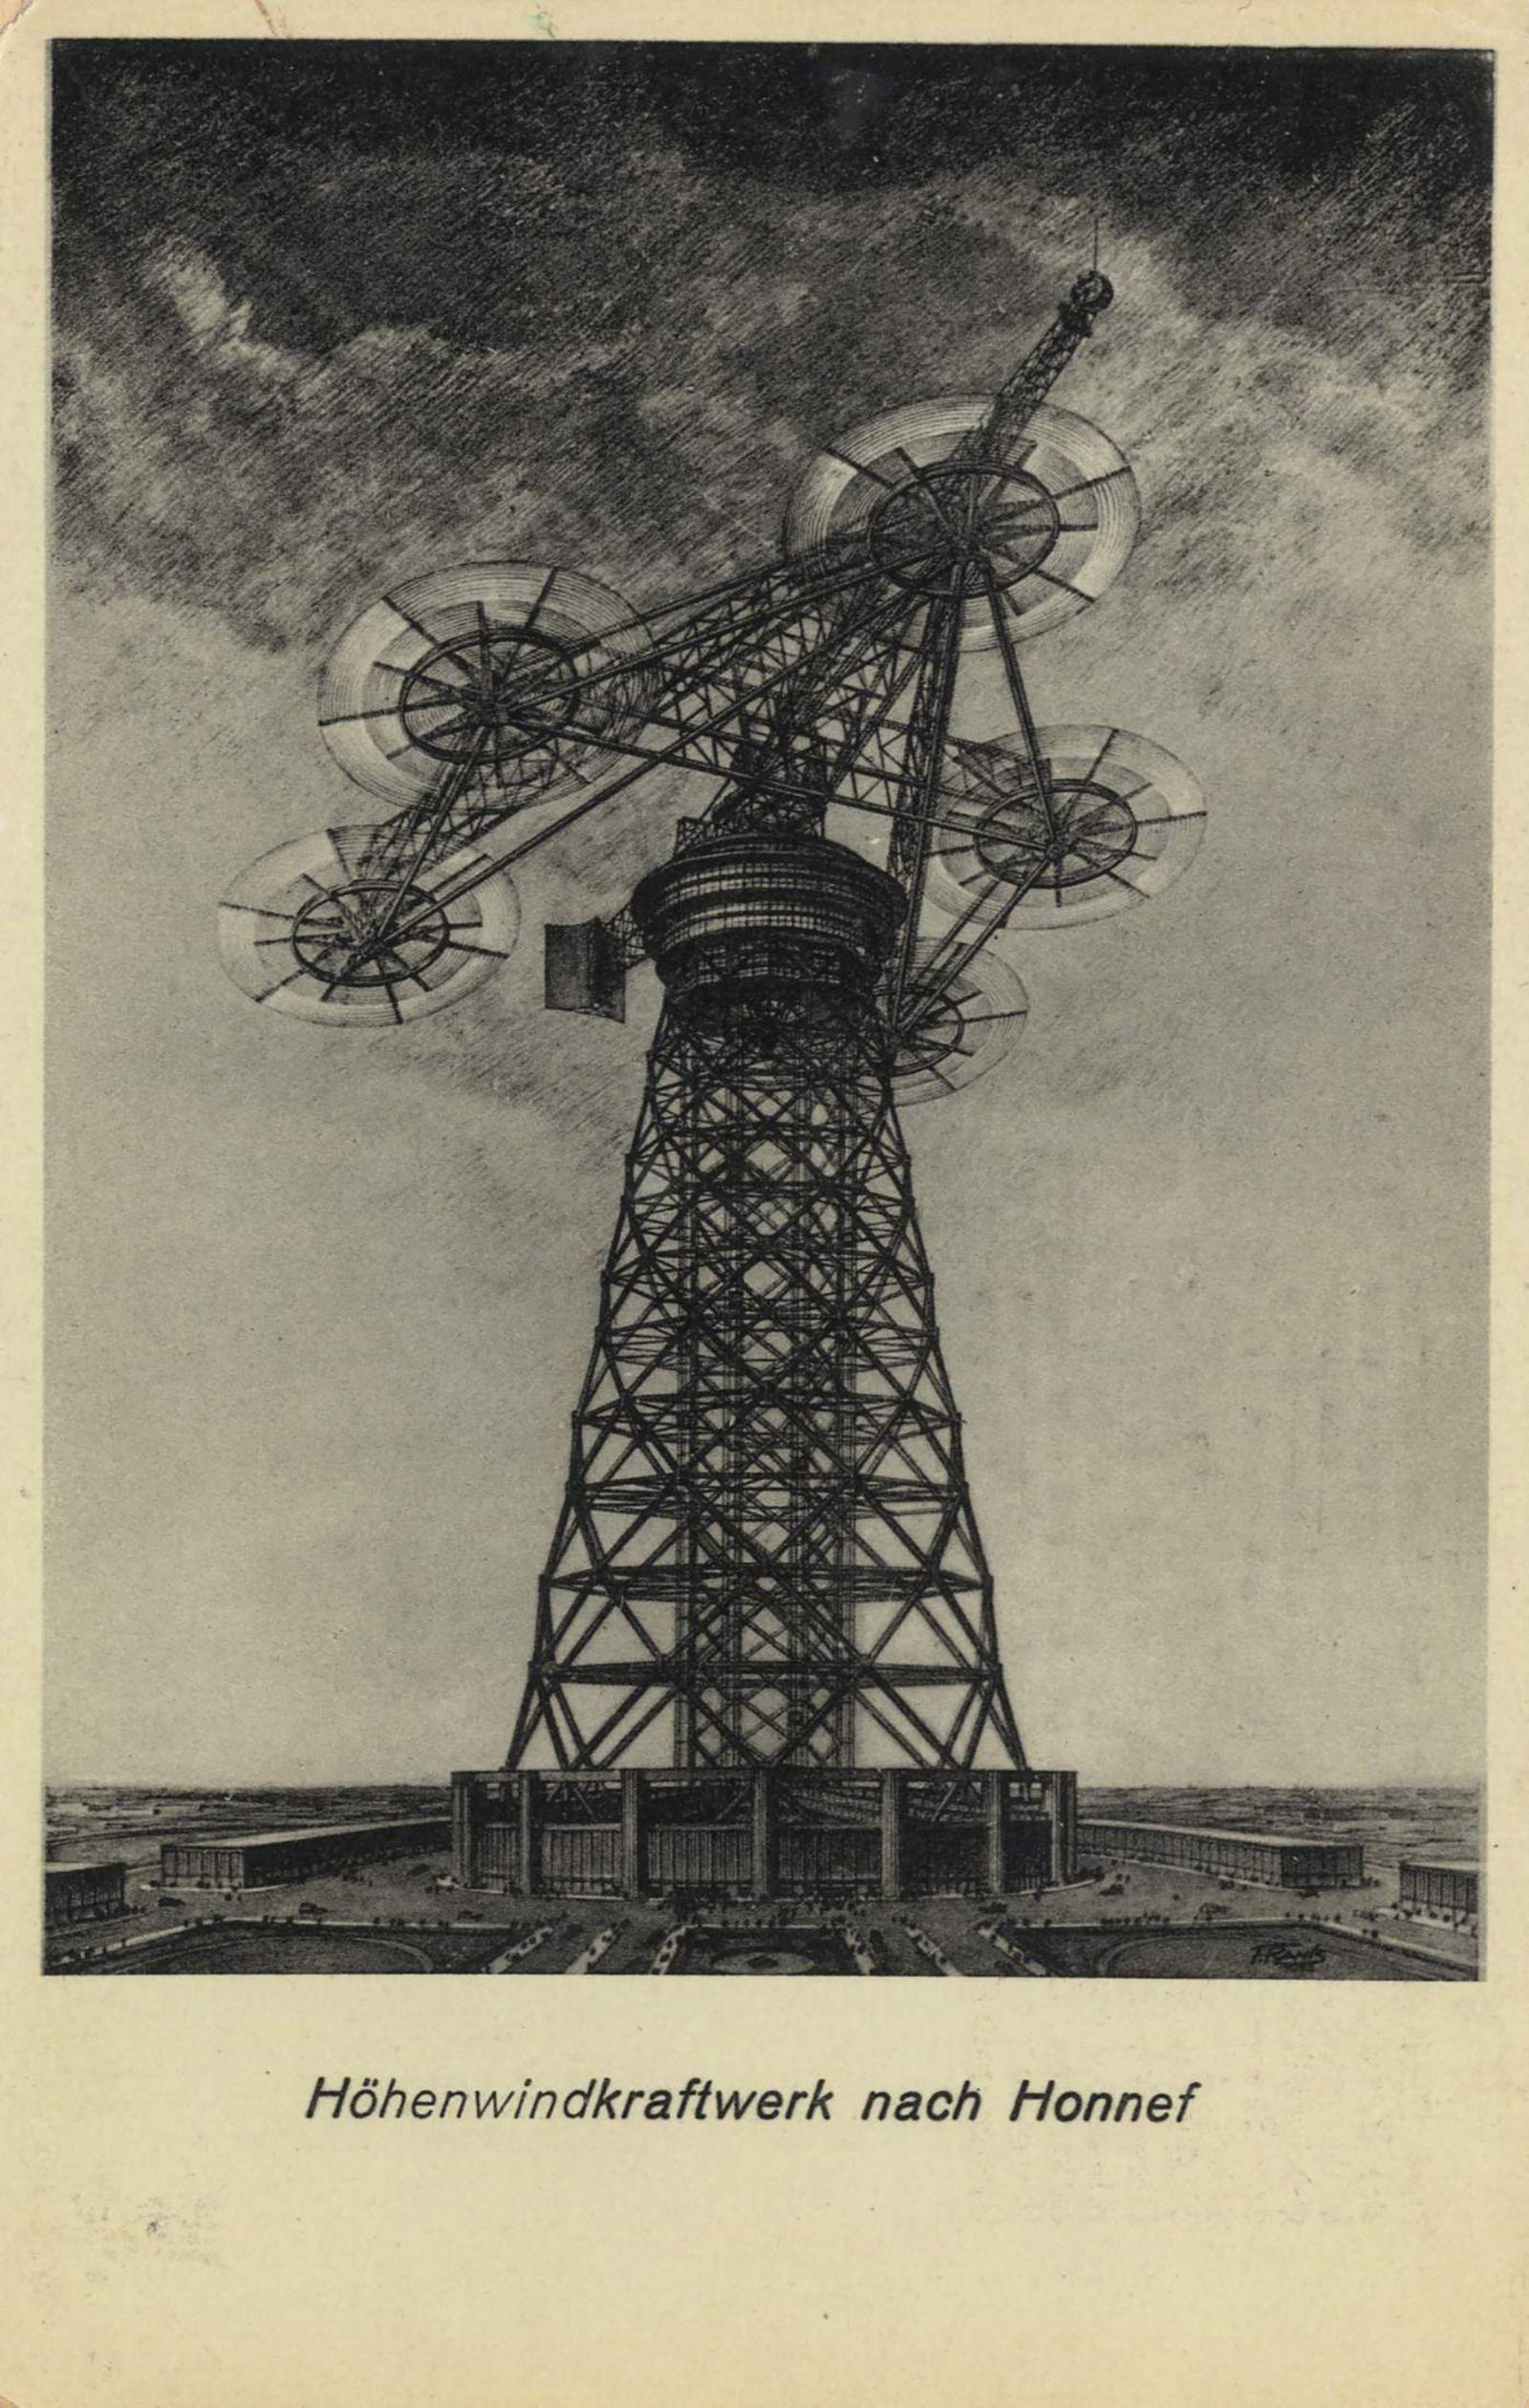 Windkraft Pioniere - Höhenwindkraftwerk nach Honnef